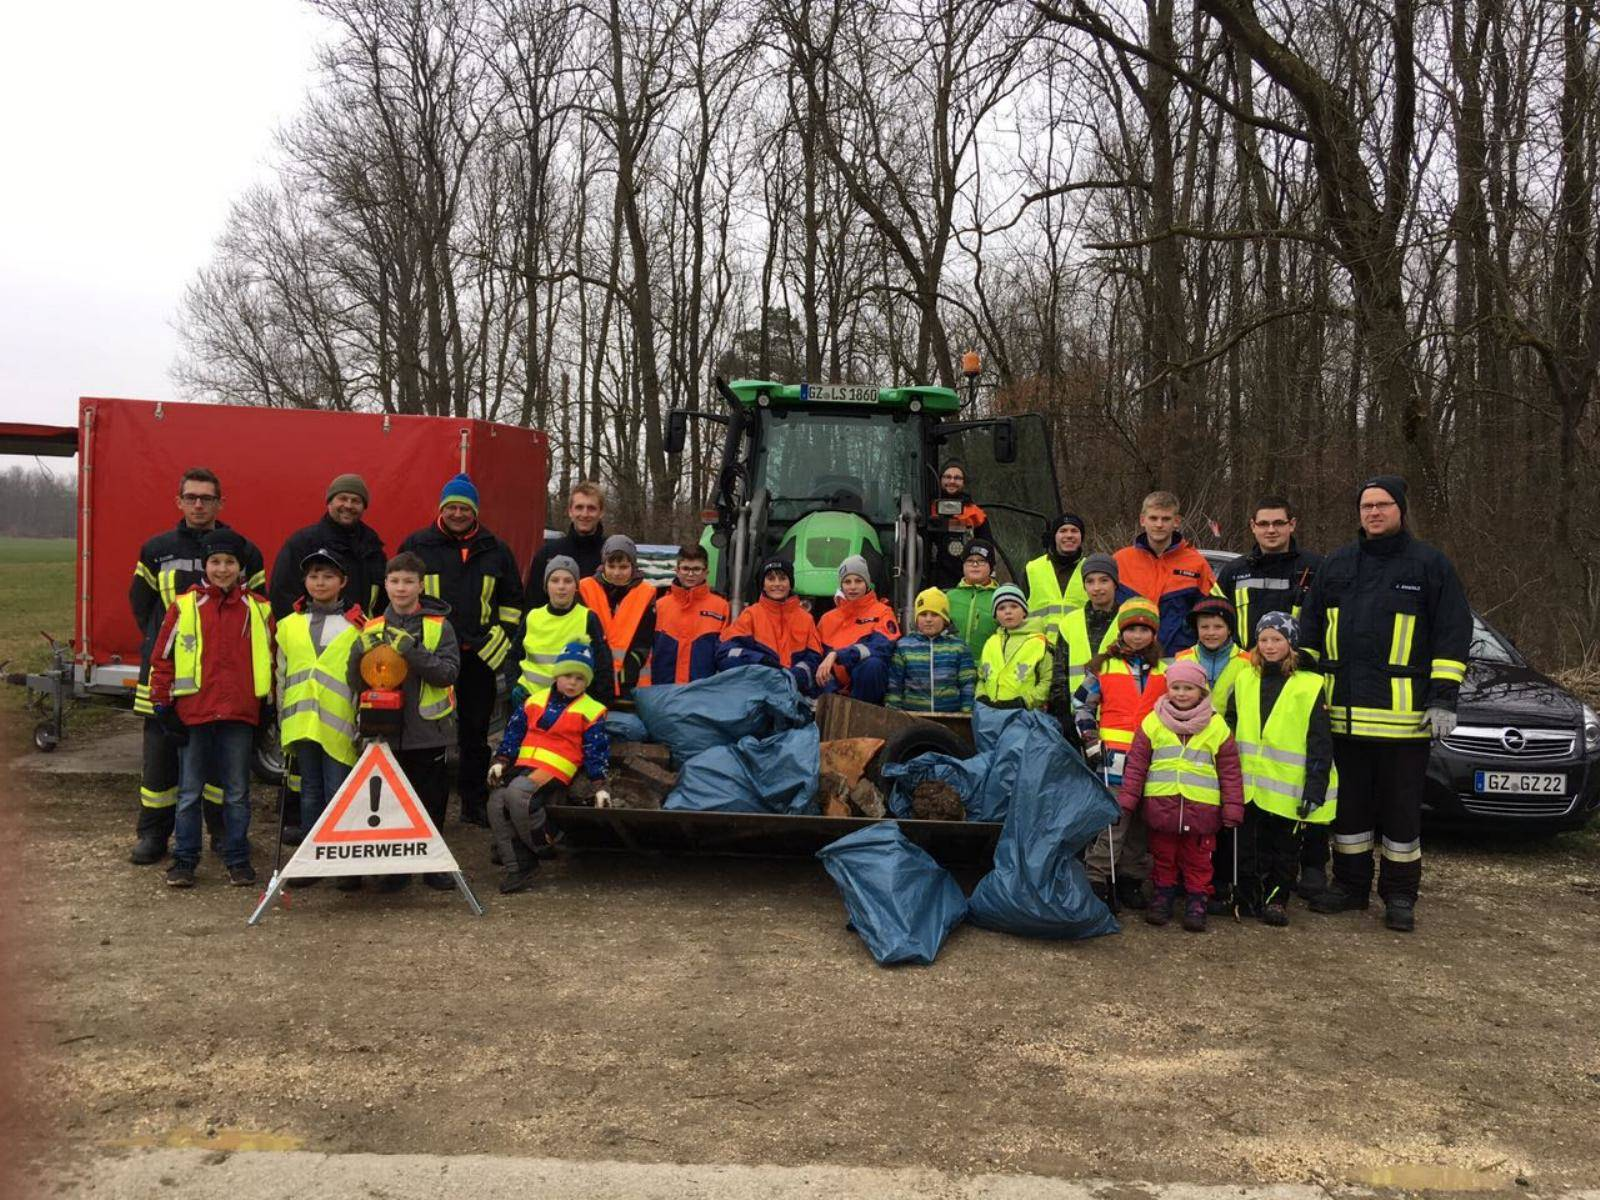 Feuerwehr Reisensburg Umweltwoche 2018